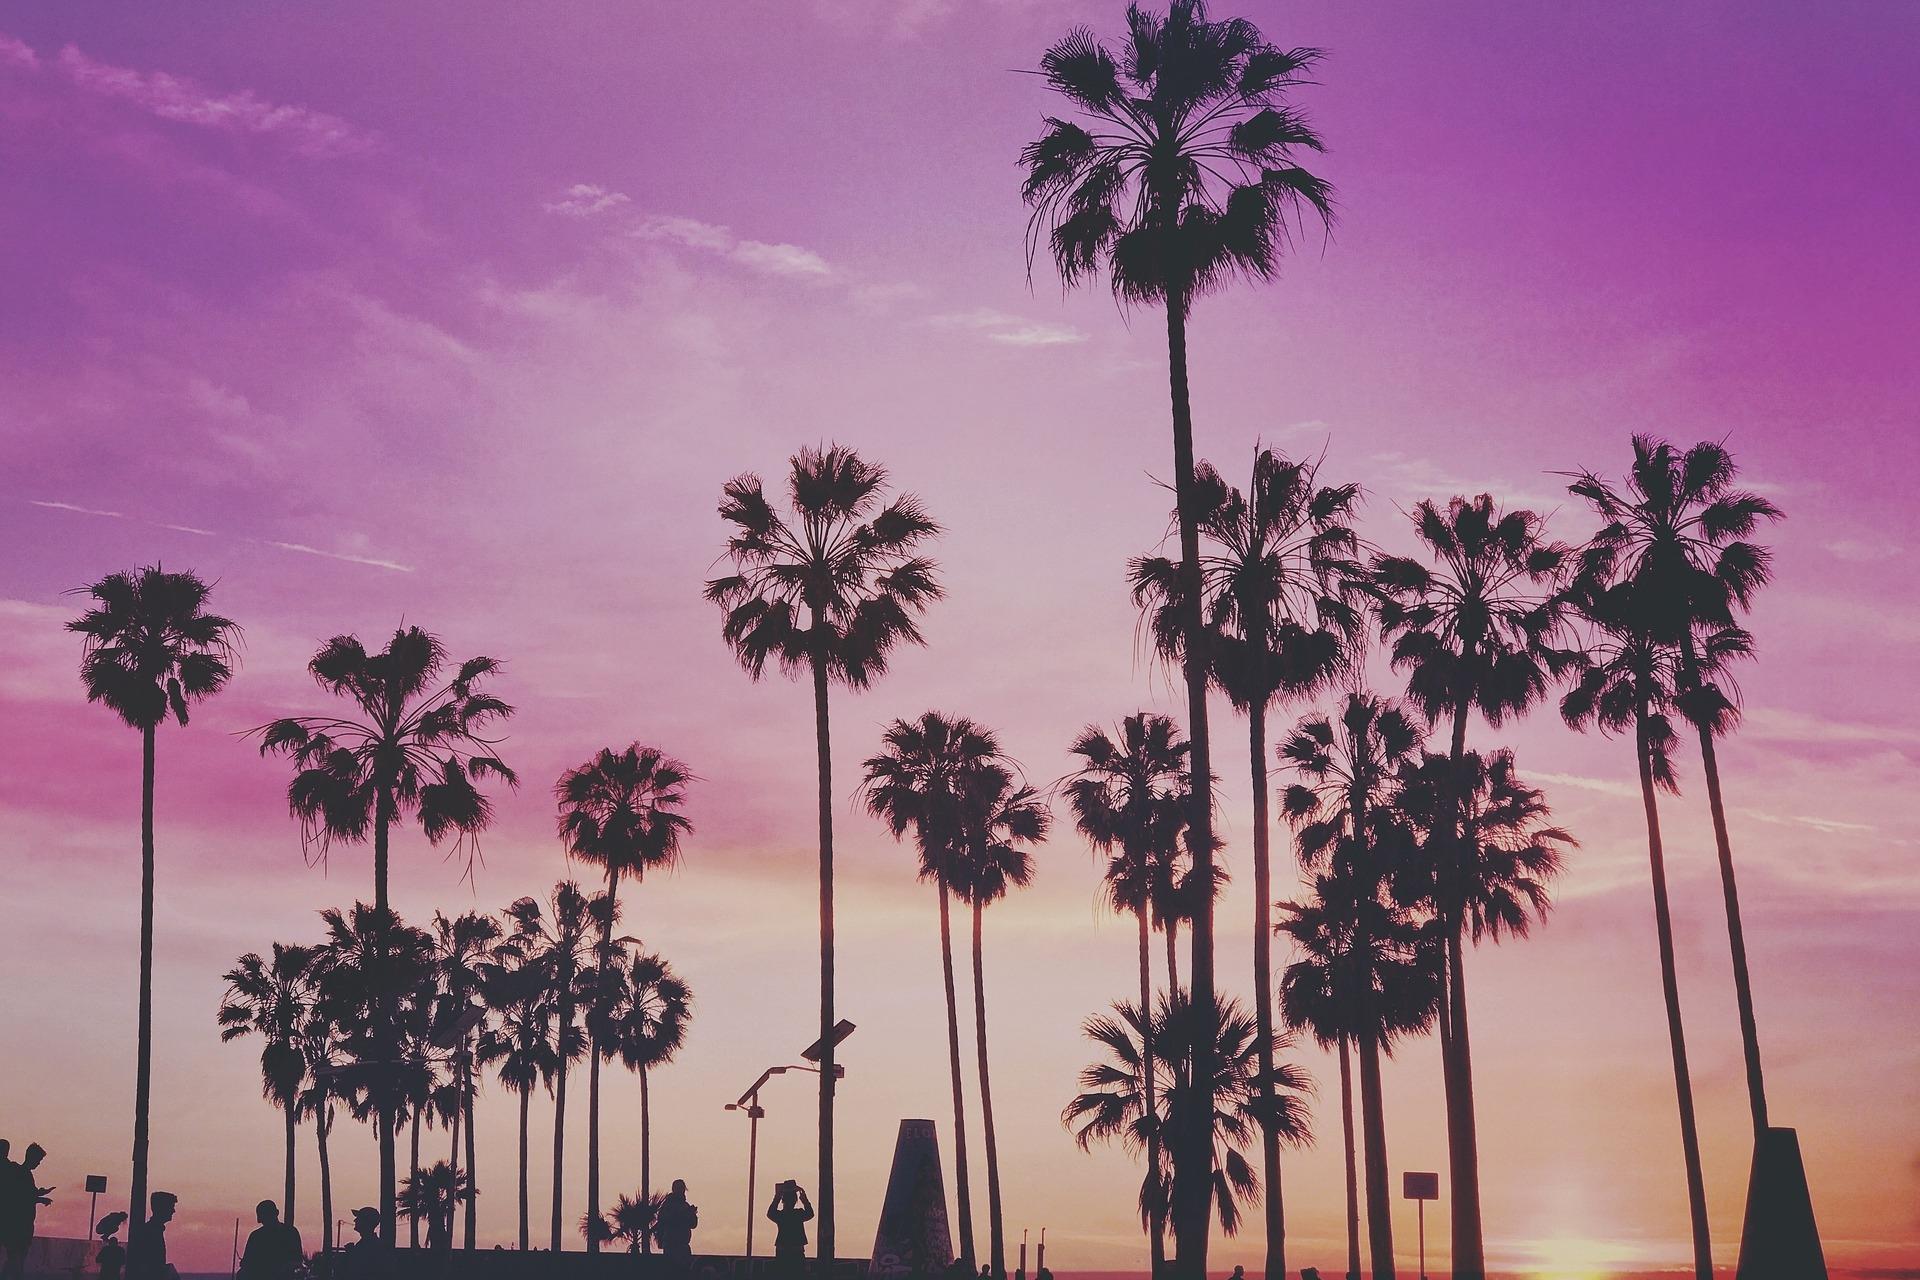 Los Angeles, California -